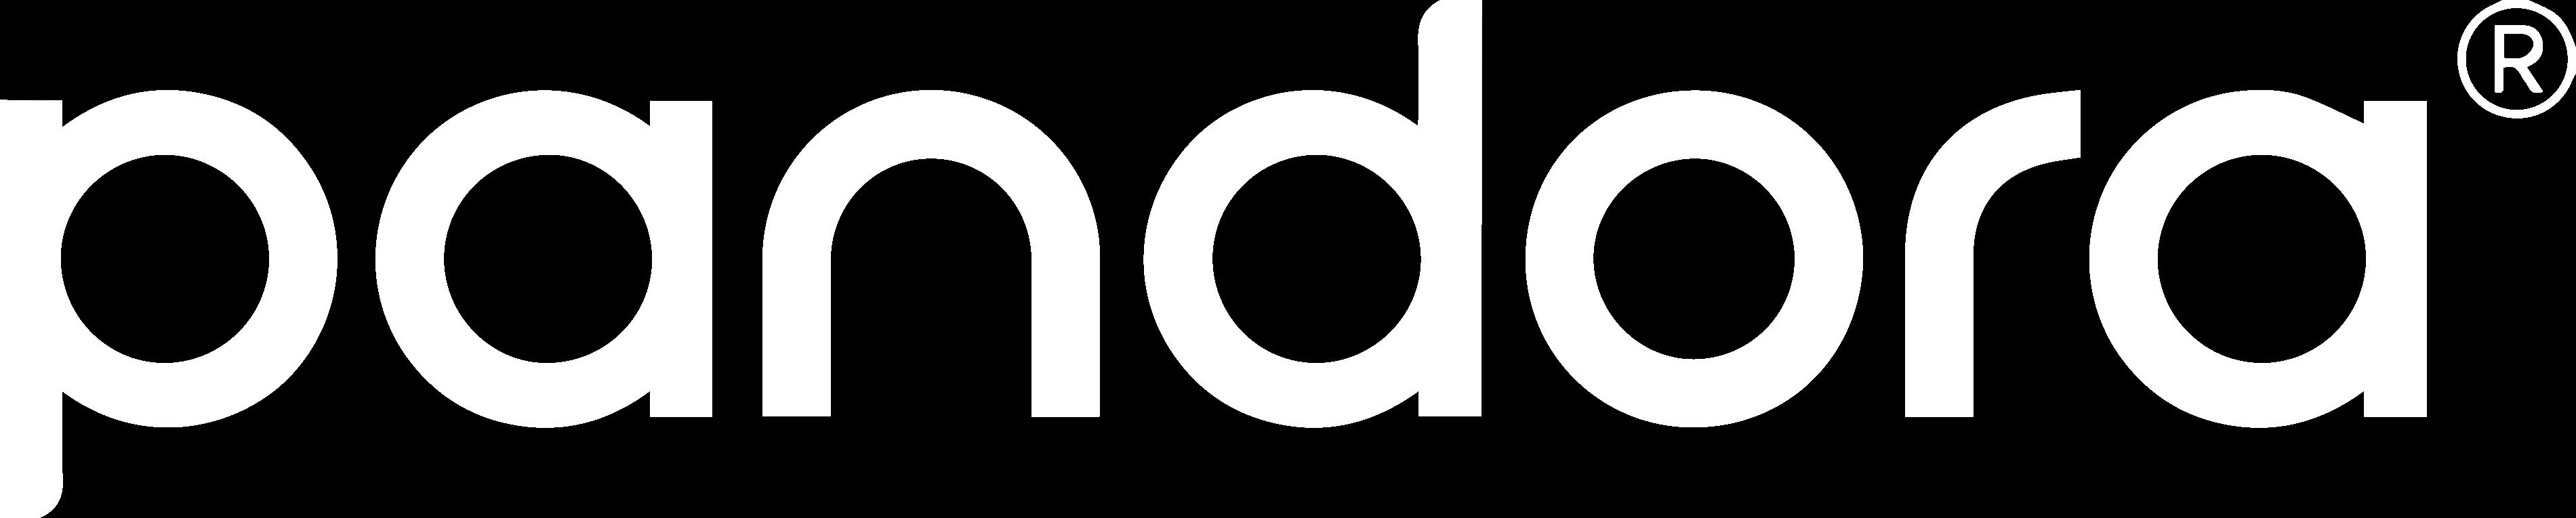 pandoralogo1-1